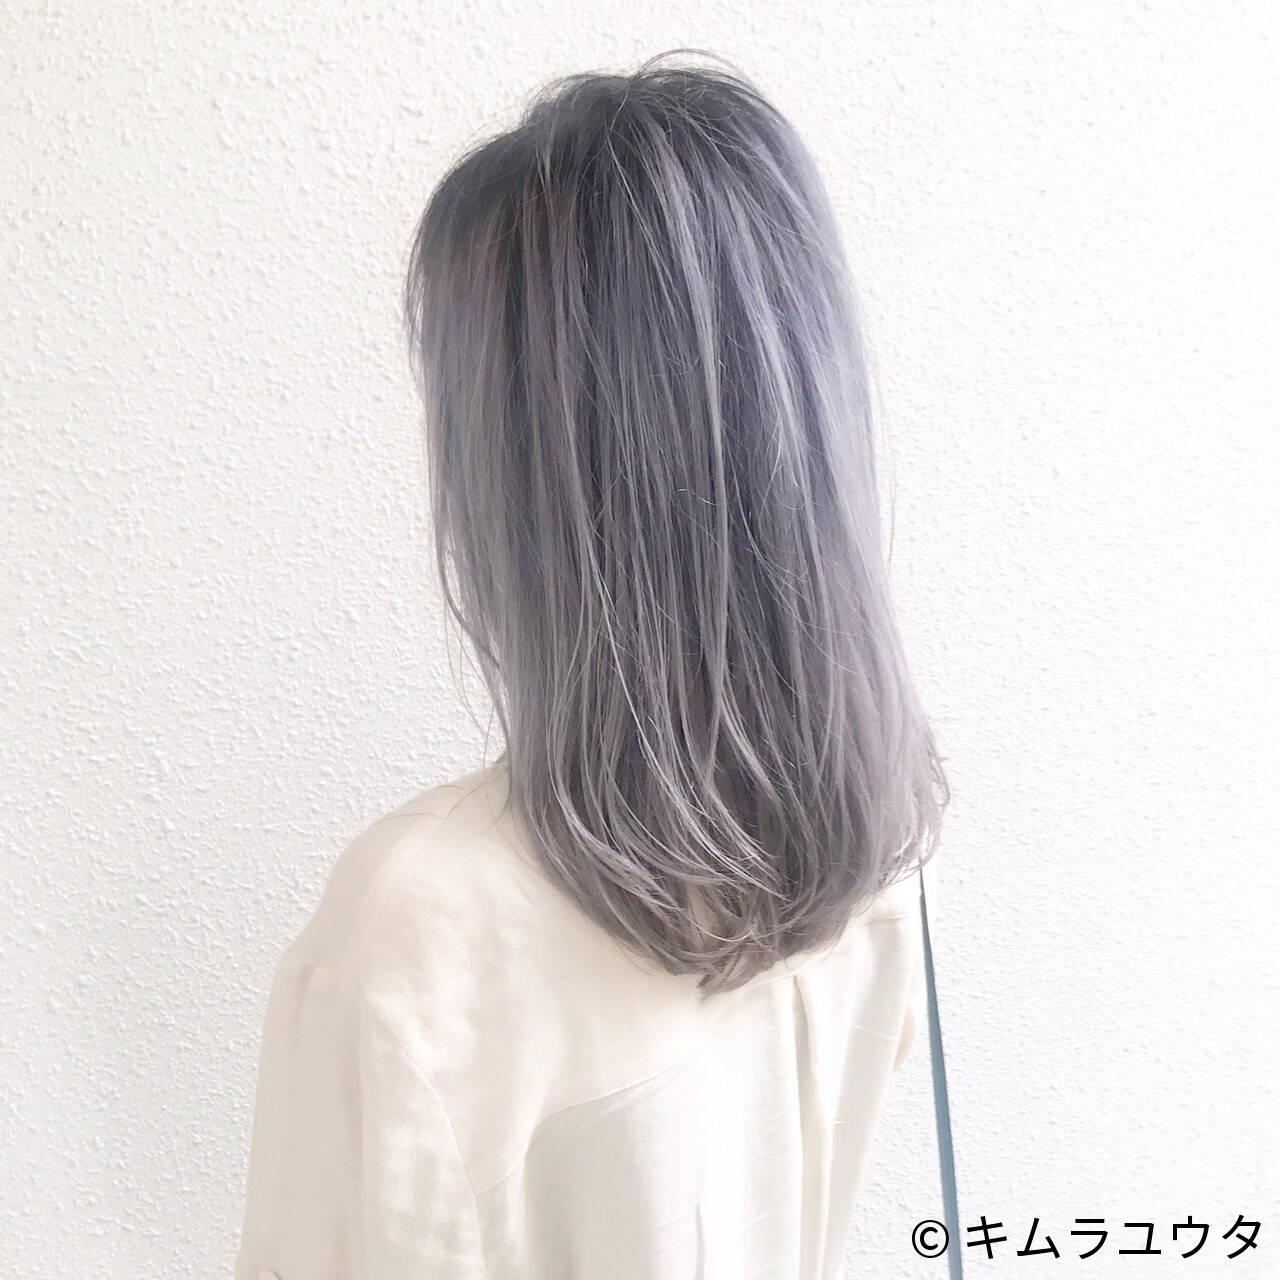 アッシュ ストレート 秋 セミロングヘアスタイルや髪型の写真・画像